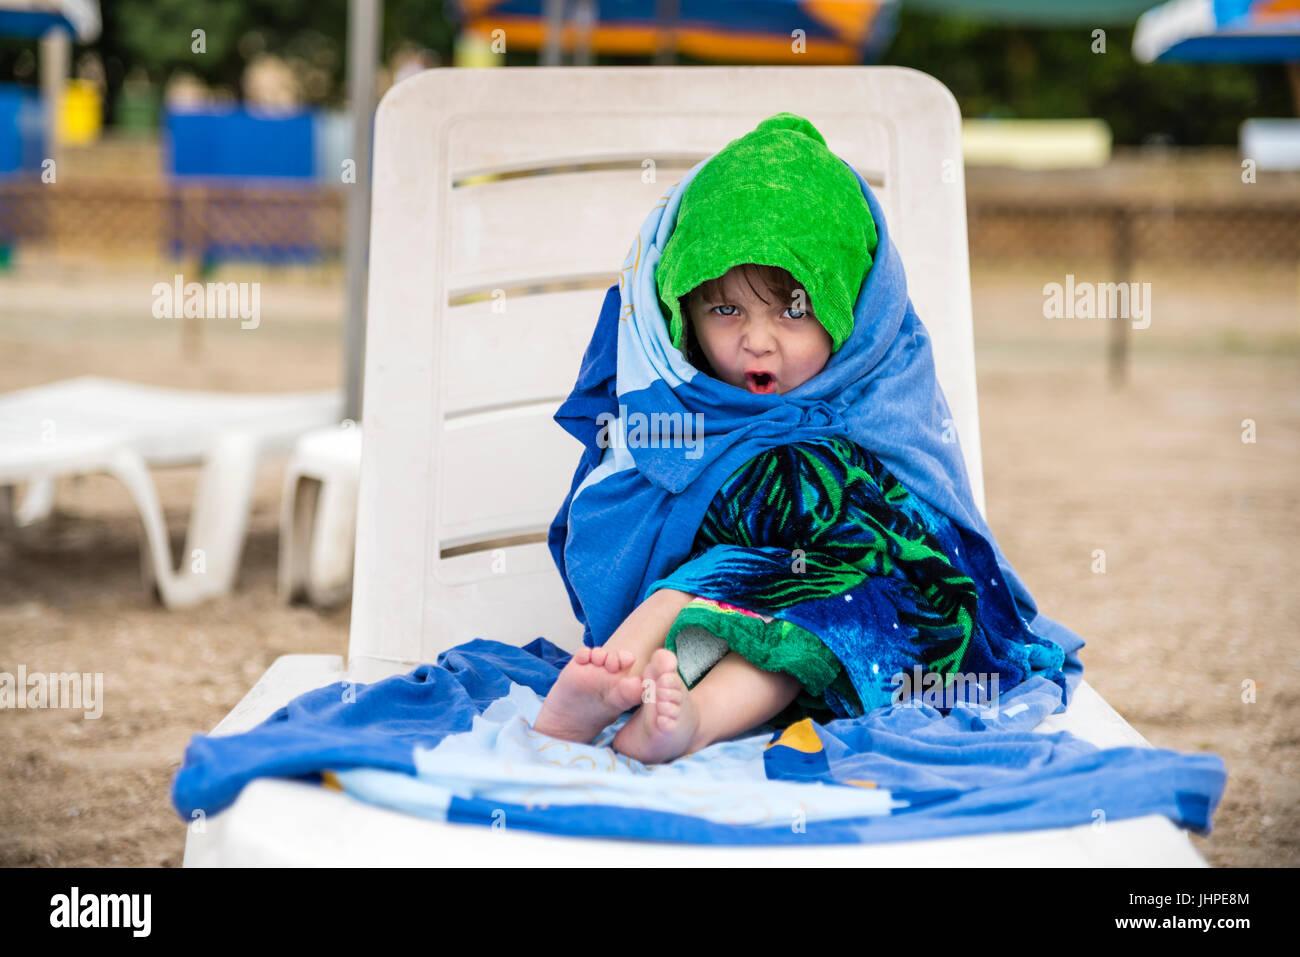 La bambina avvolti in teli per riscaldamento, emozioni del volto Immagini Stock